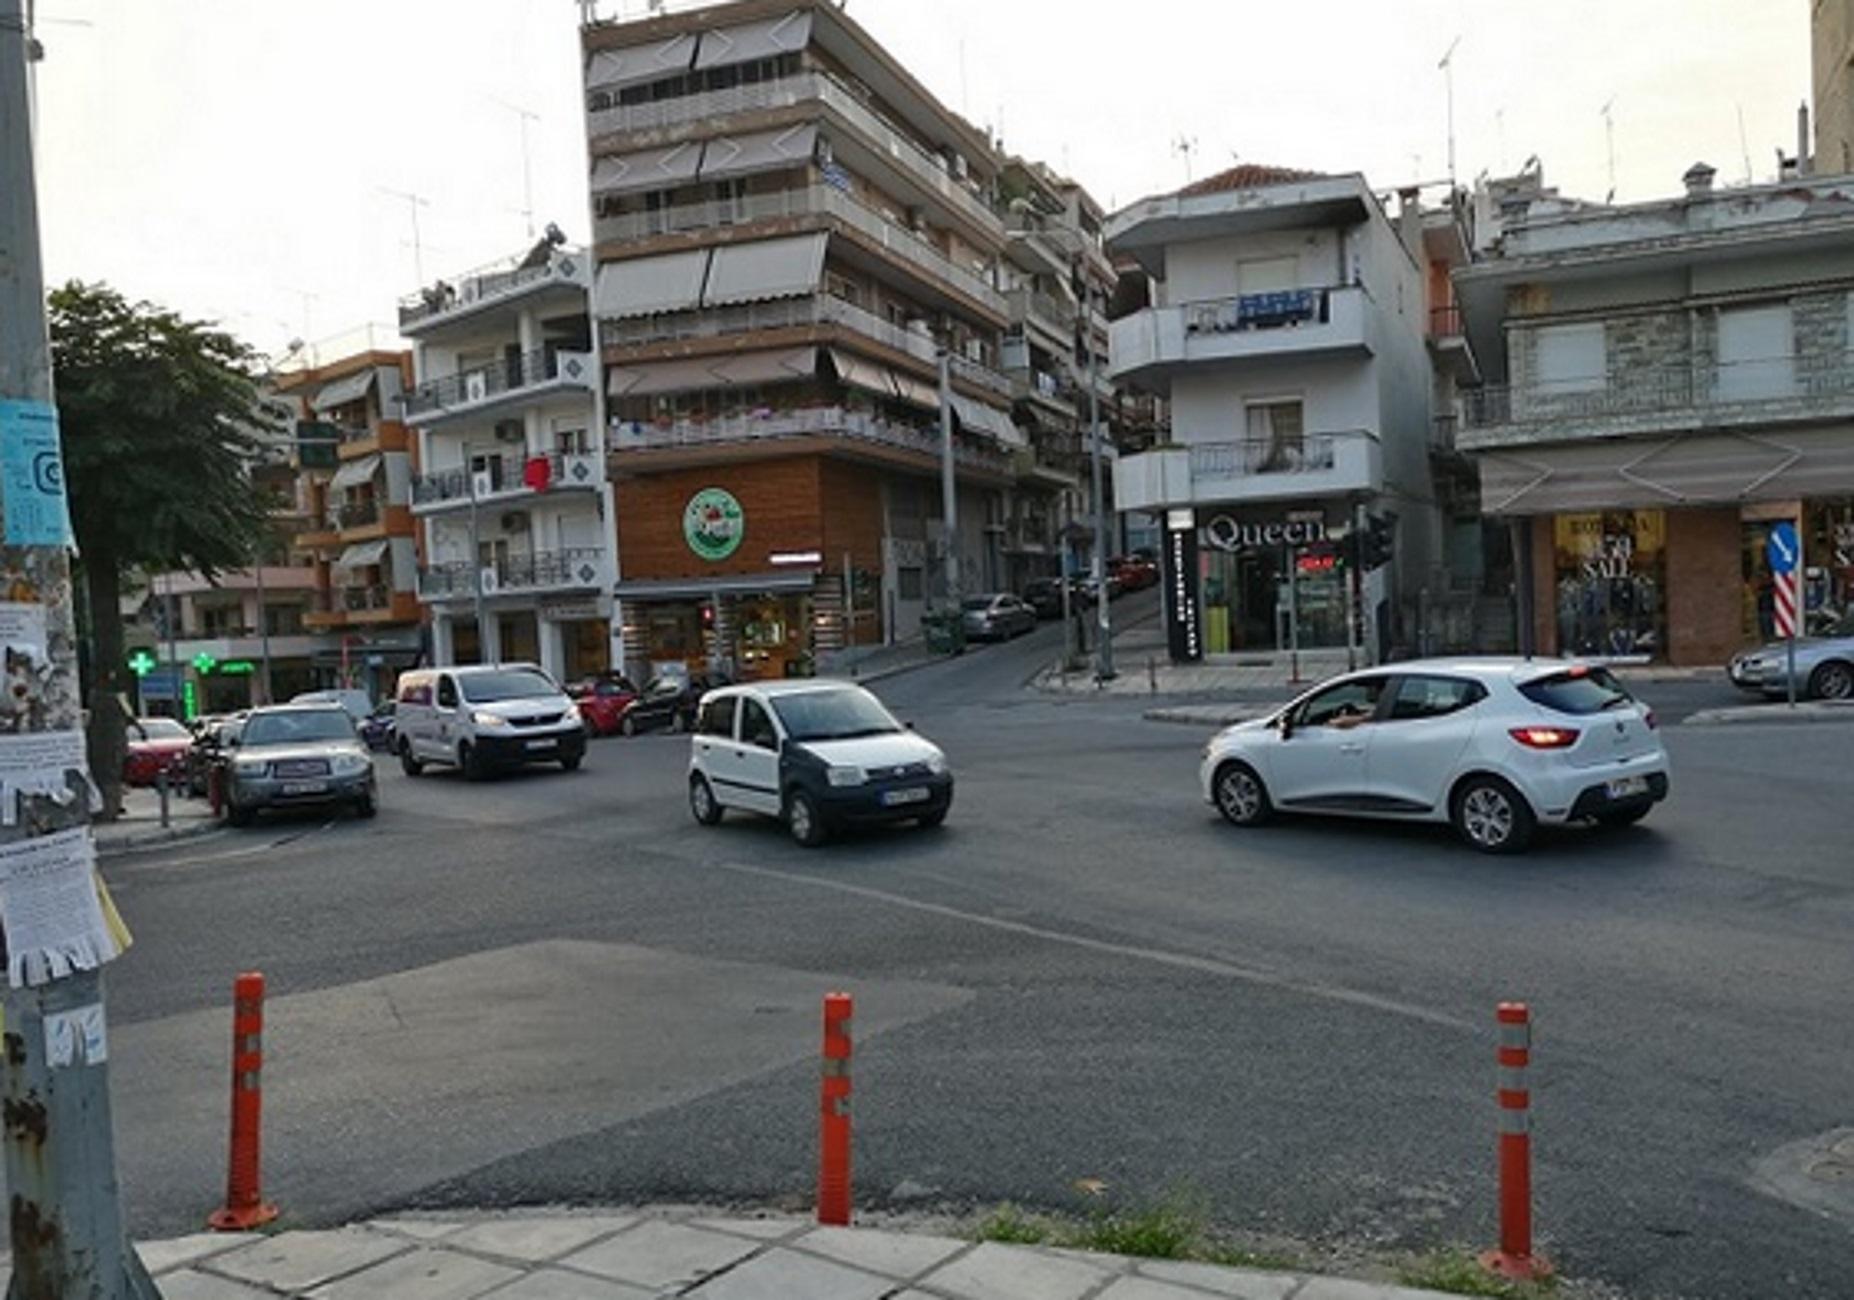 Θεσσαλονίκη: Πωλείται το ιστορικό καφέ μεζεδοπωλείο που «βάφτισε» μια ολόκληρη περιοχή